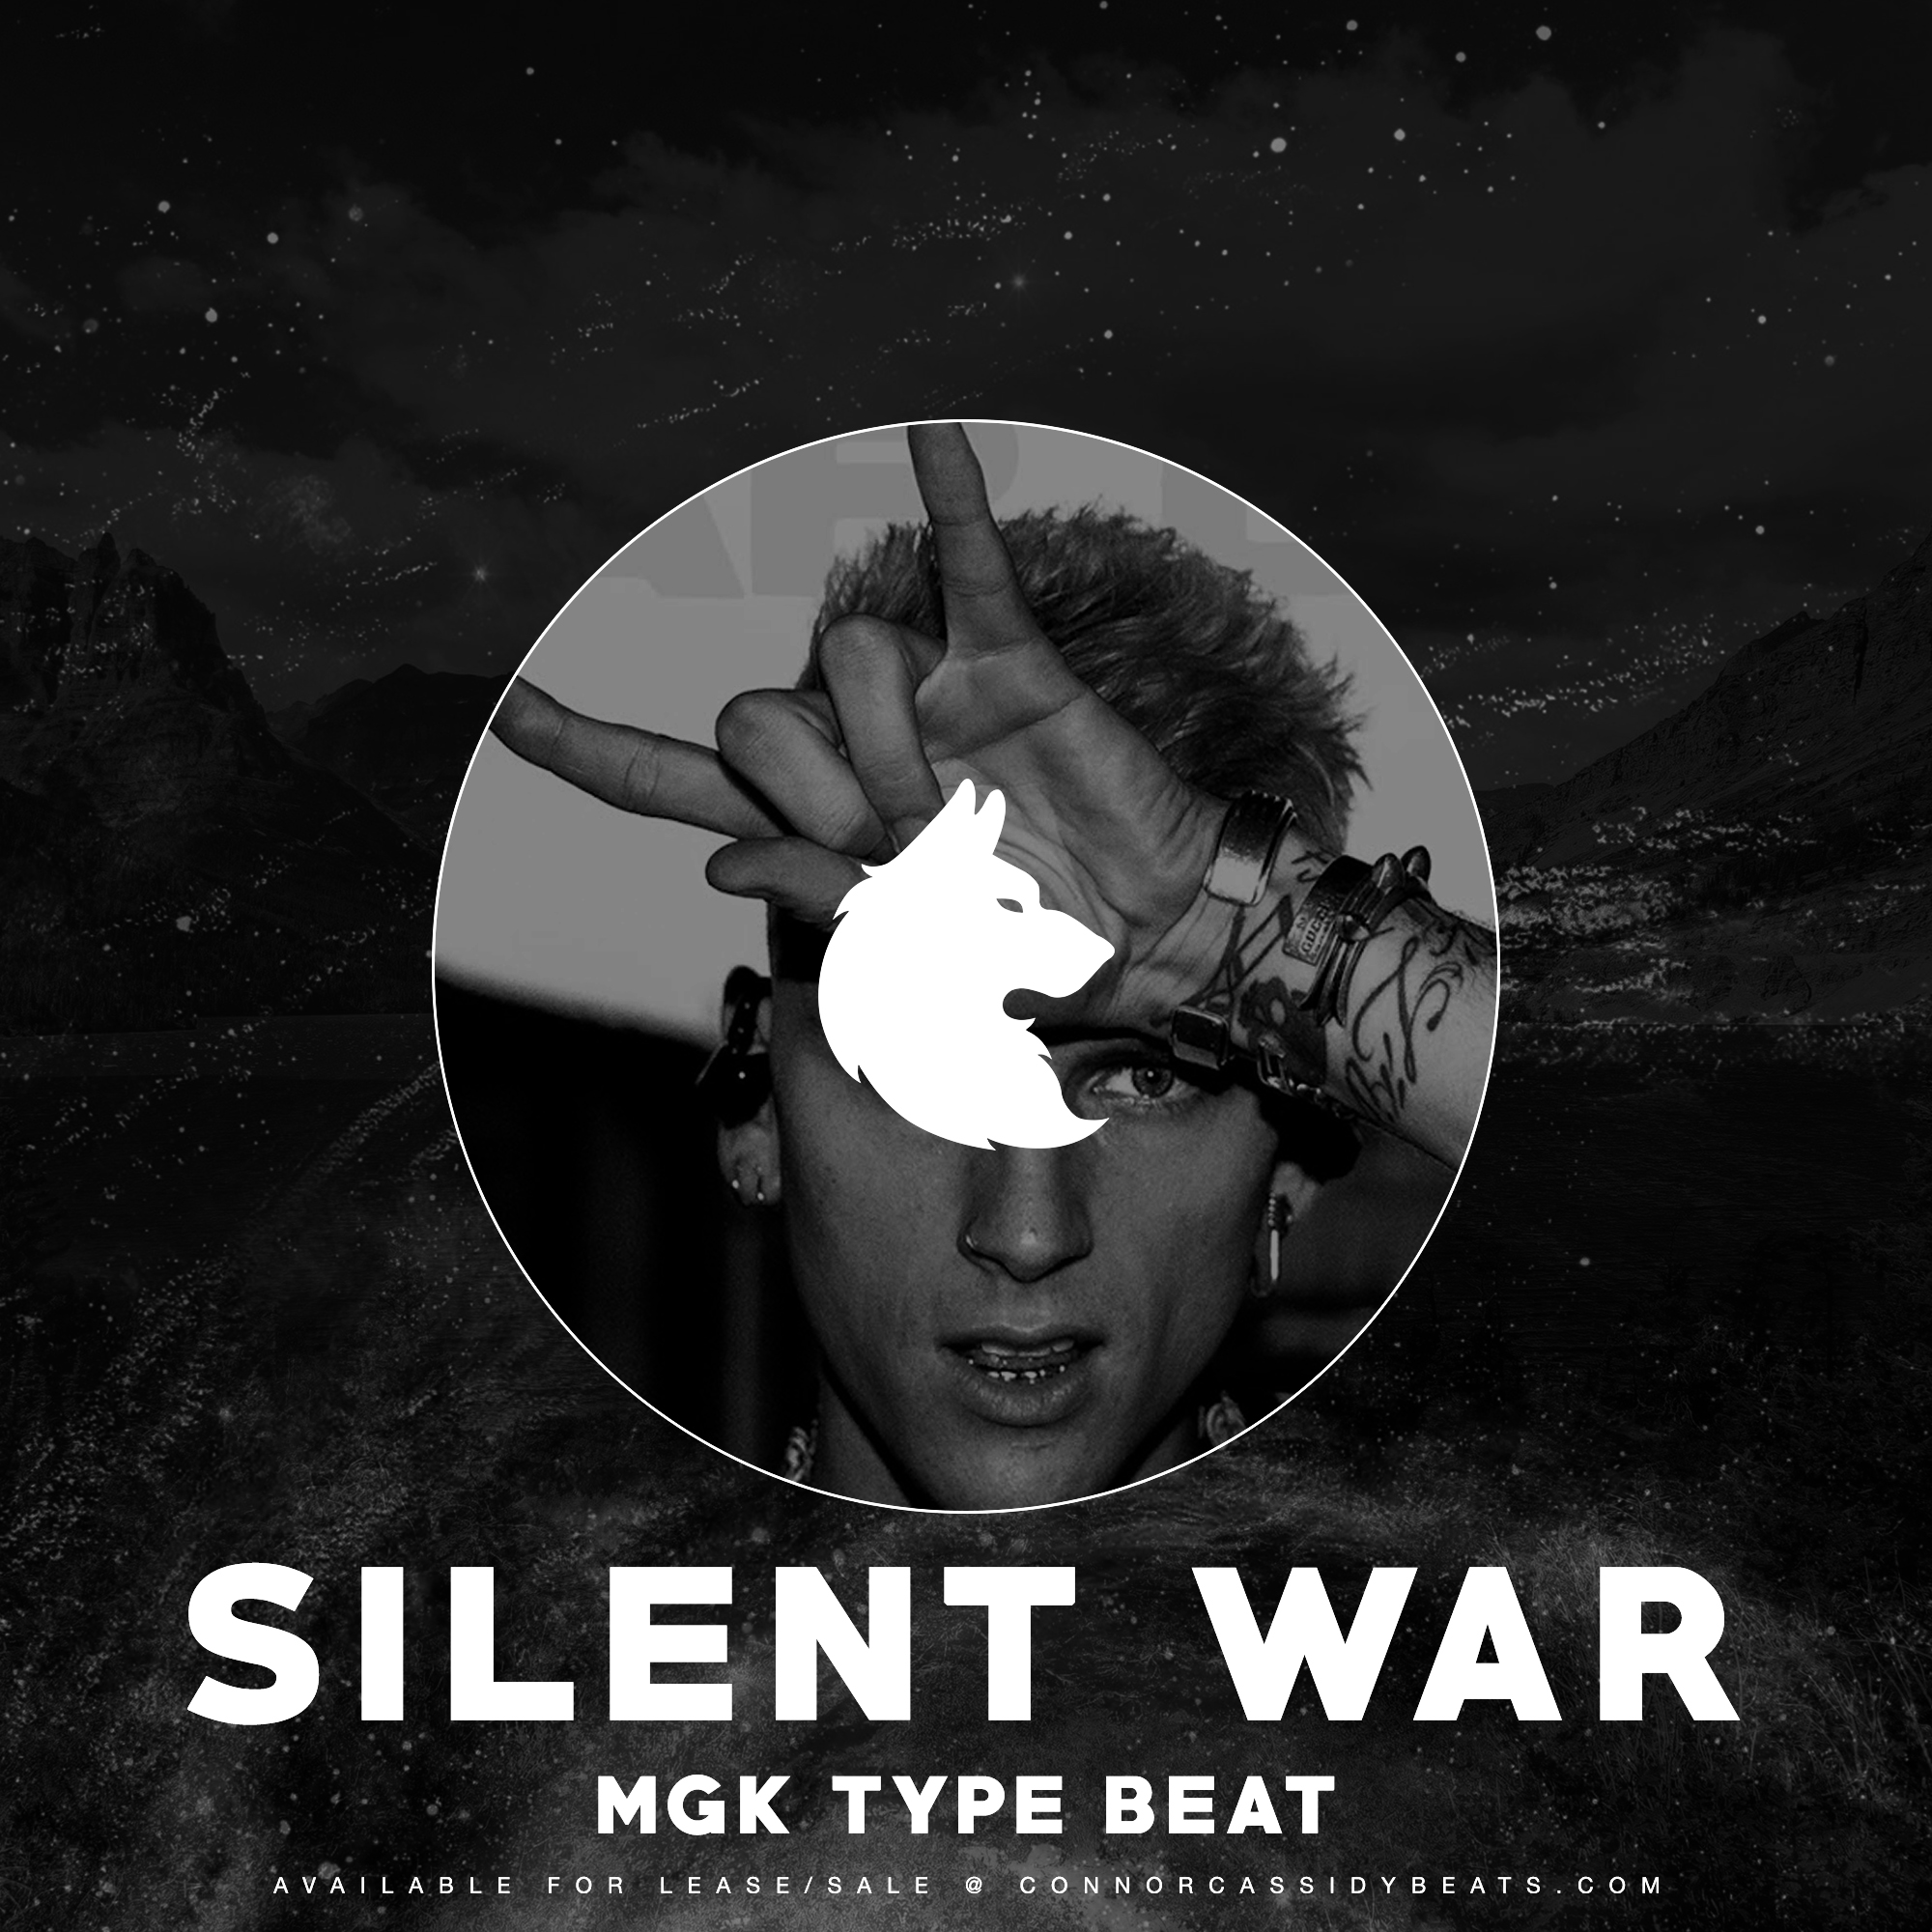 Silent War Soundcloud Art copy.jpg